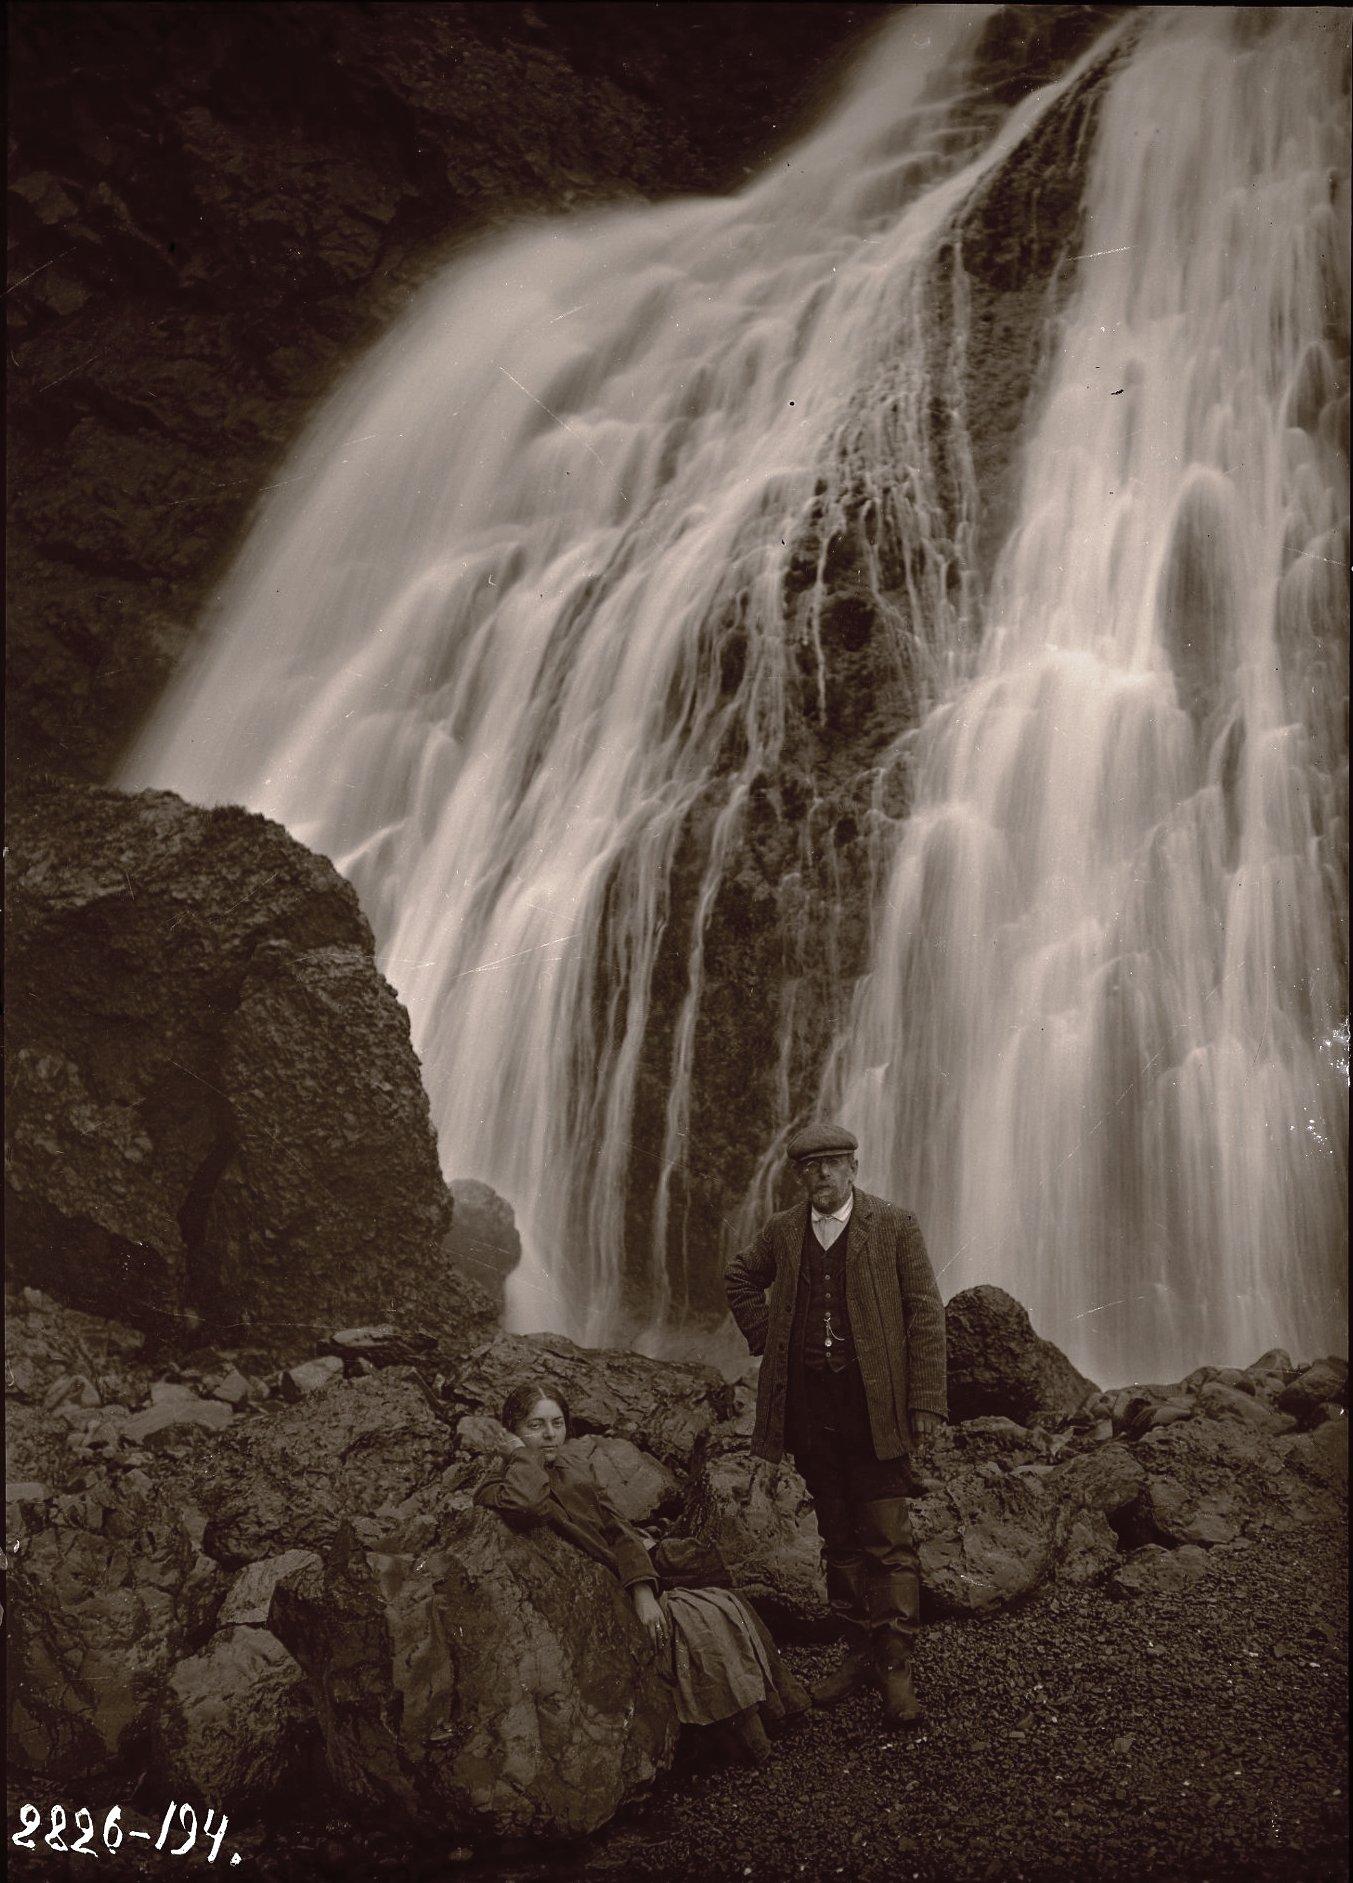 1909. В.И. Иохельсон рядом с водопадом у древнего селения Атхалах. Алеутские острова, Андреяновские острова, Атка остров. 2 сентября